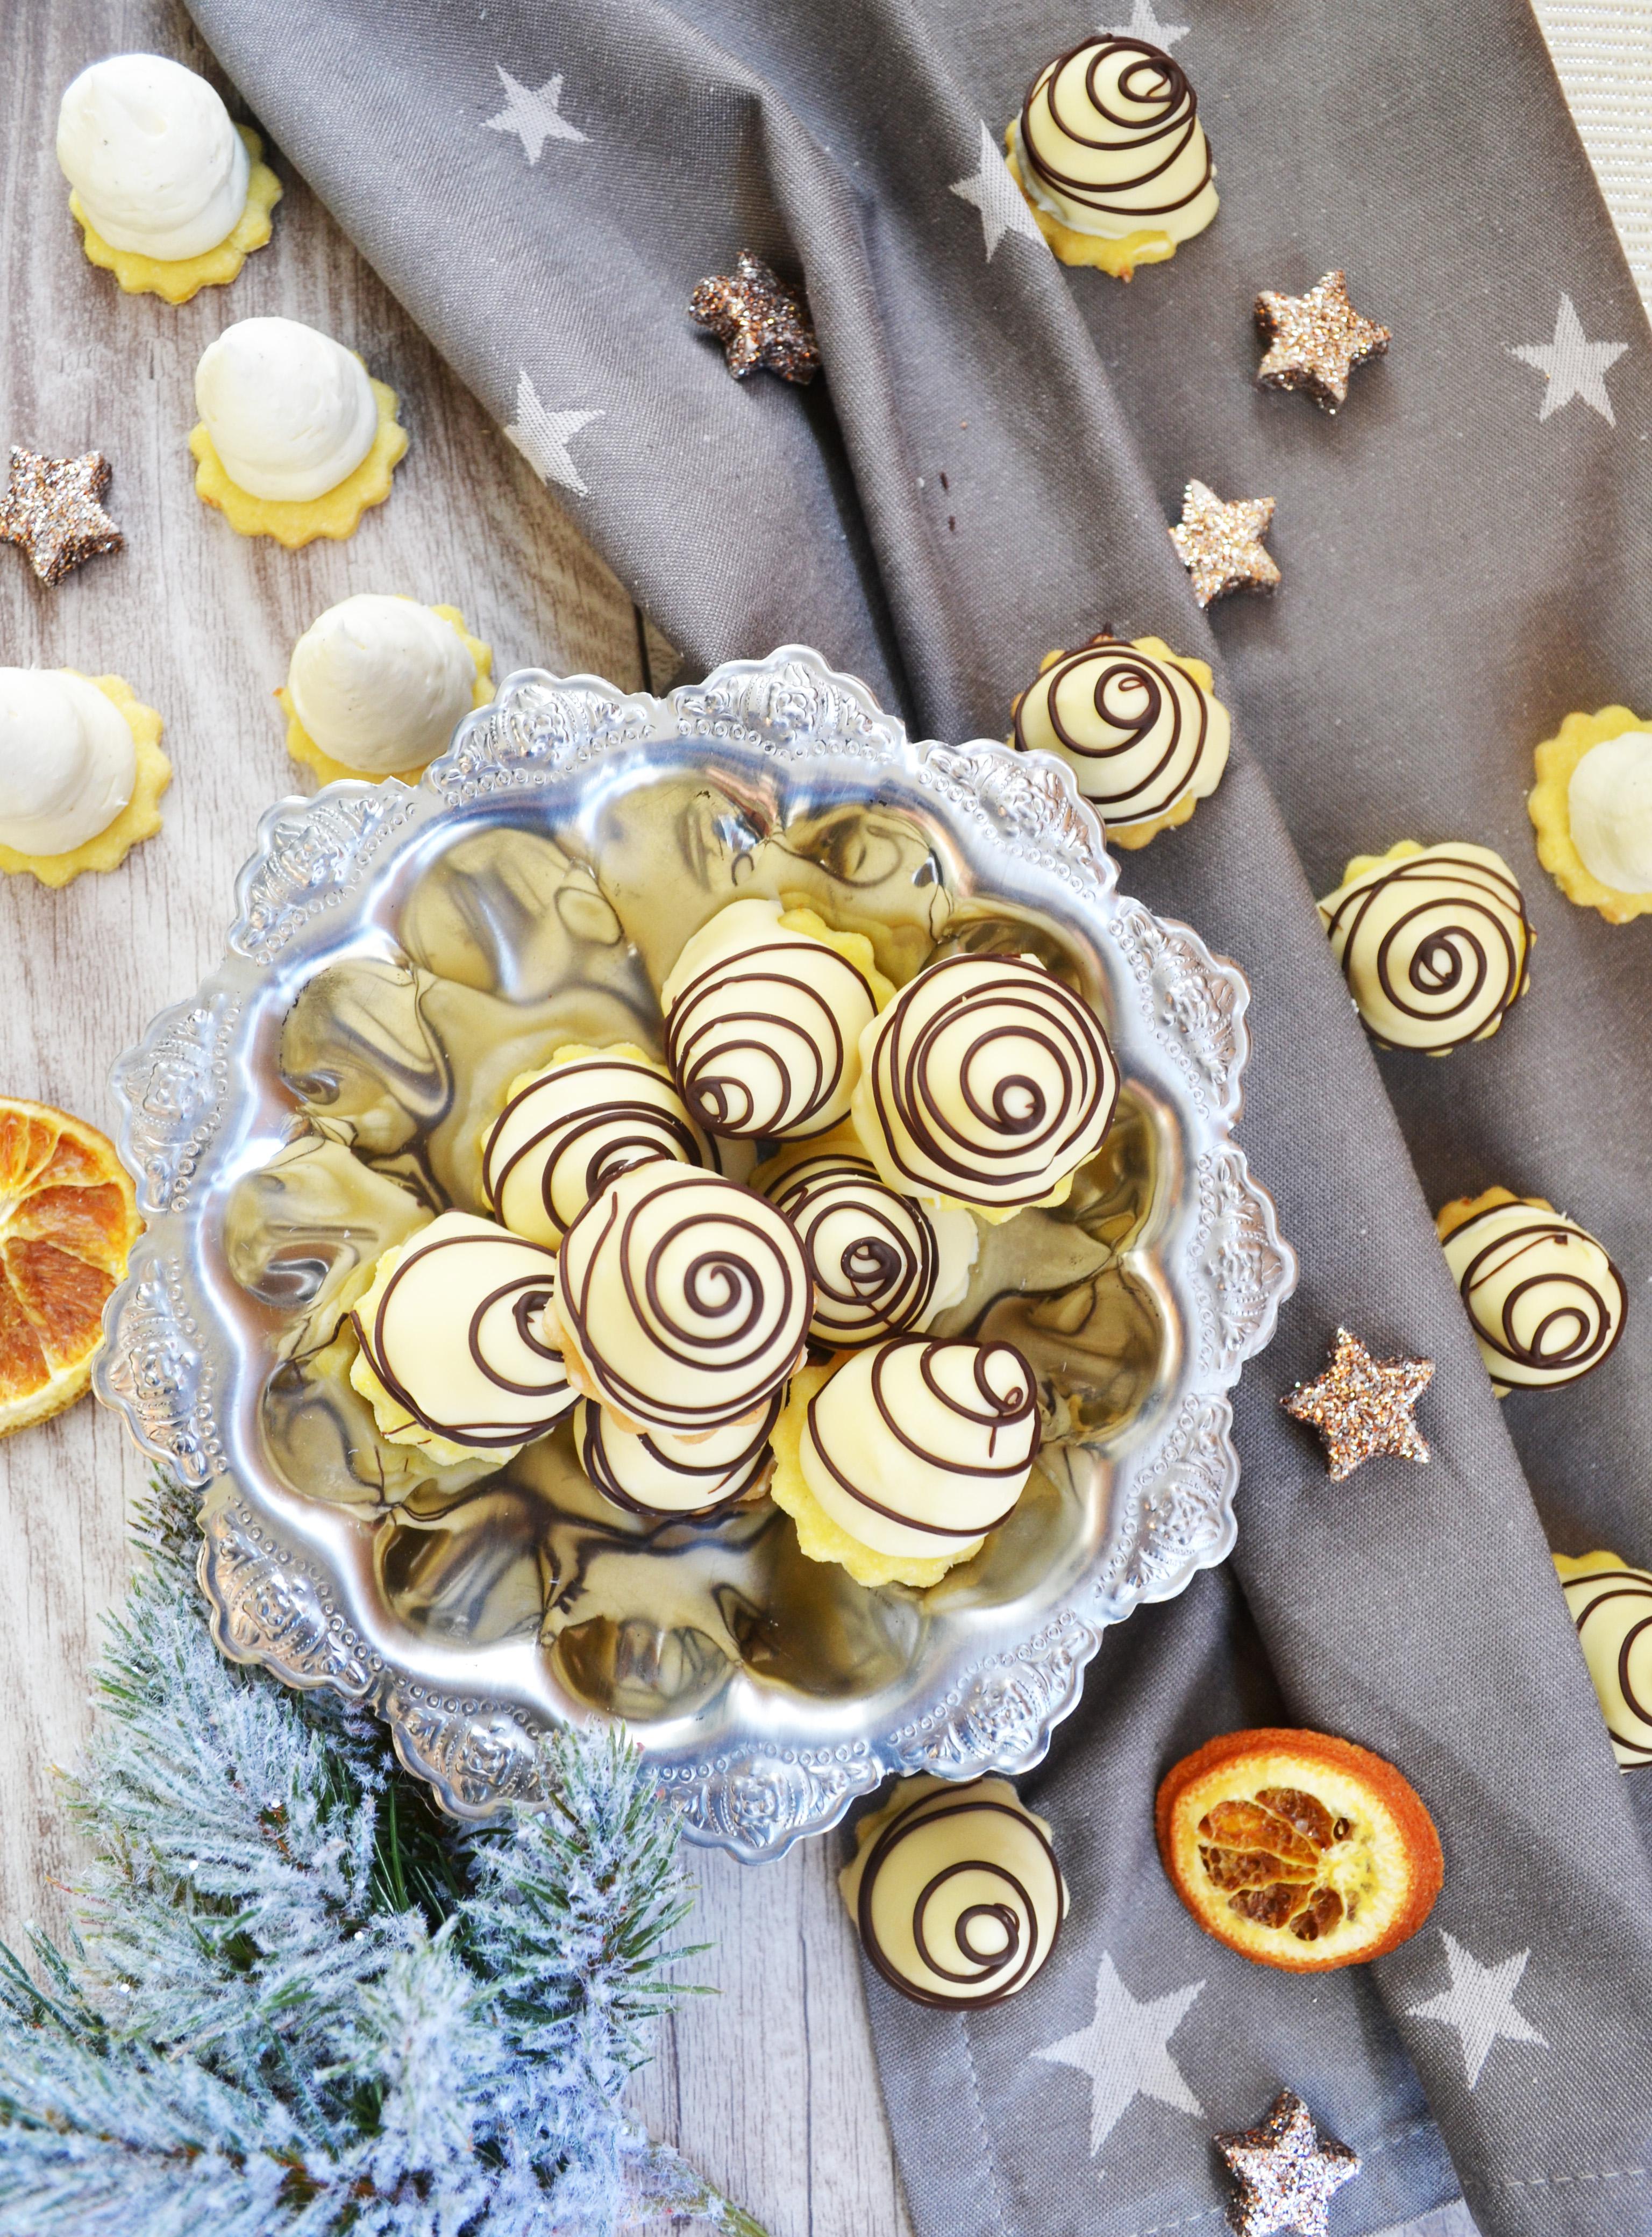 Die dürfen an Weihnachten nicht fehlen! Weiße Schokolade-Spitzen ...